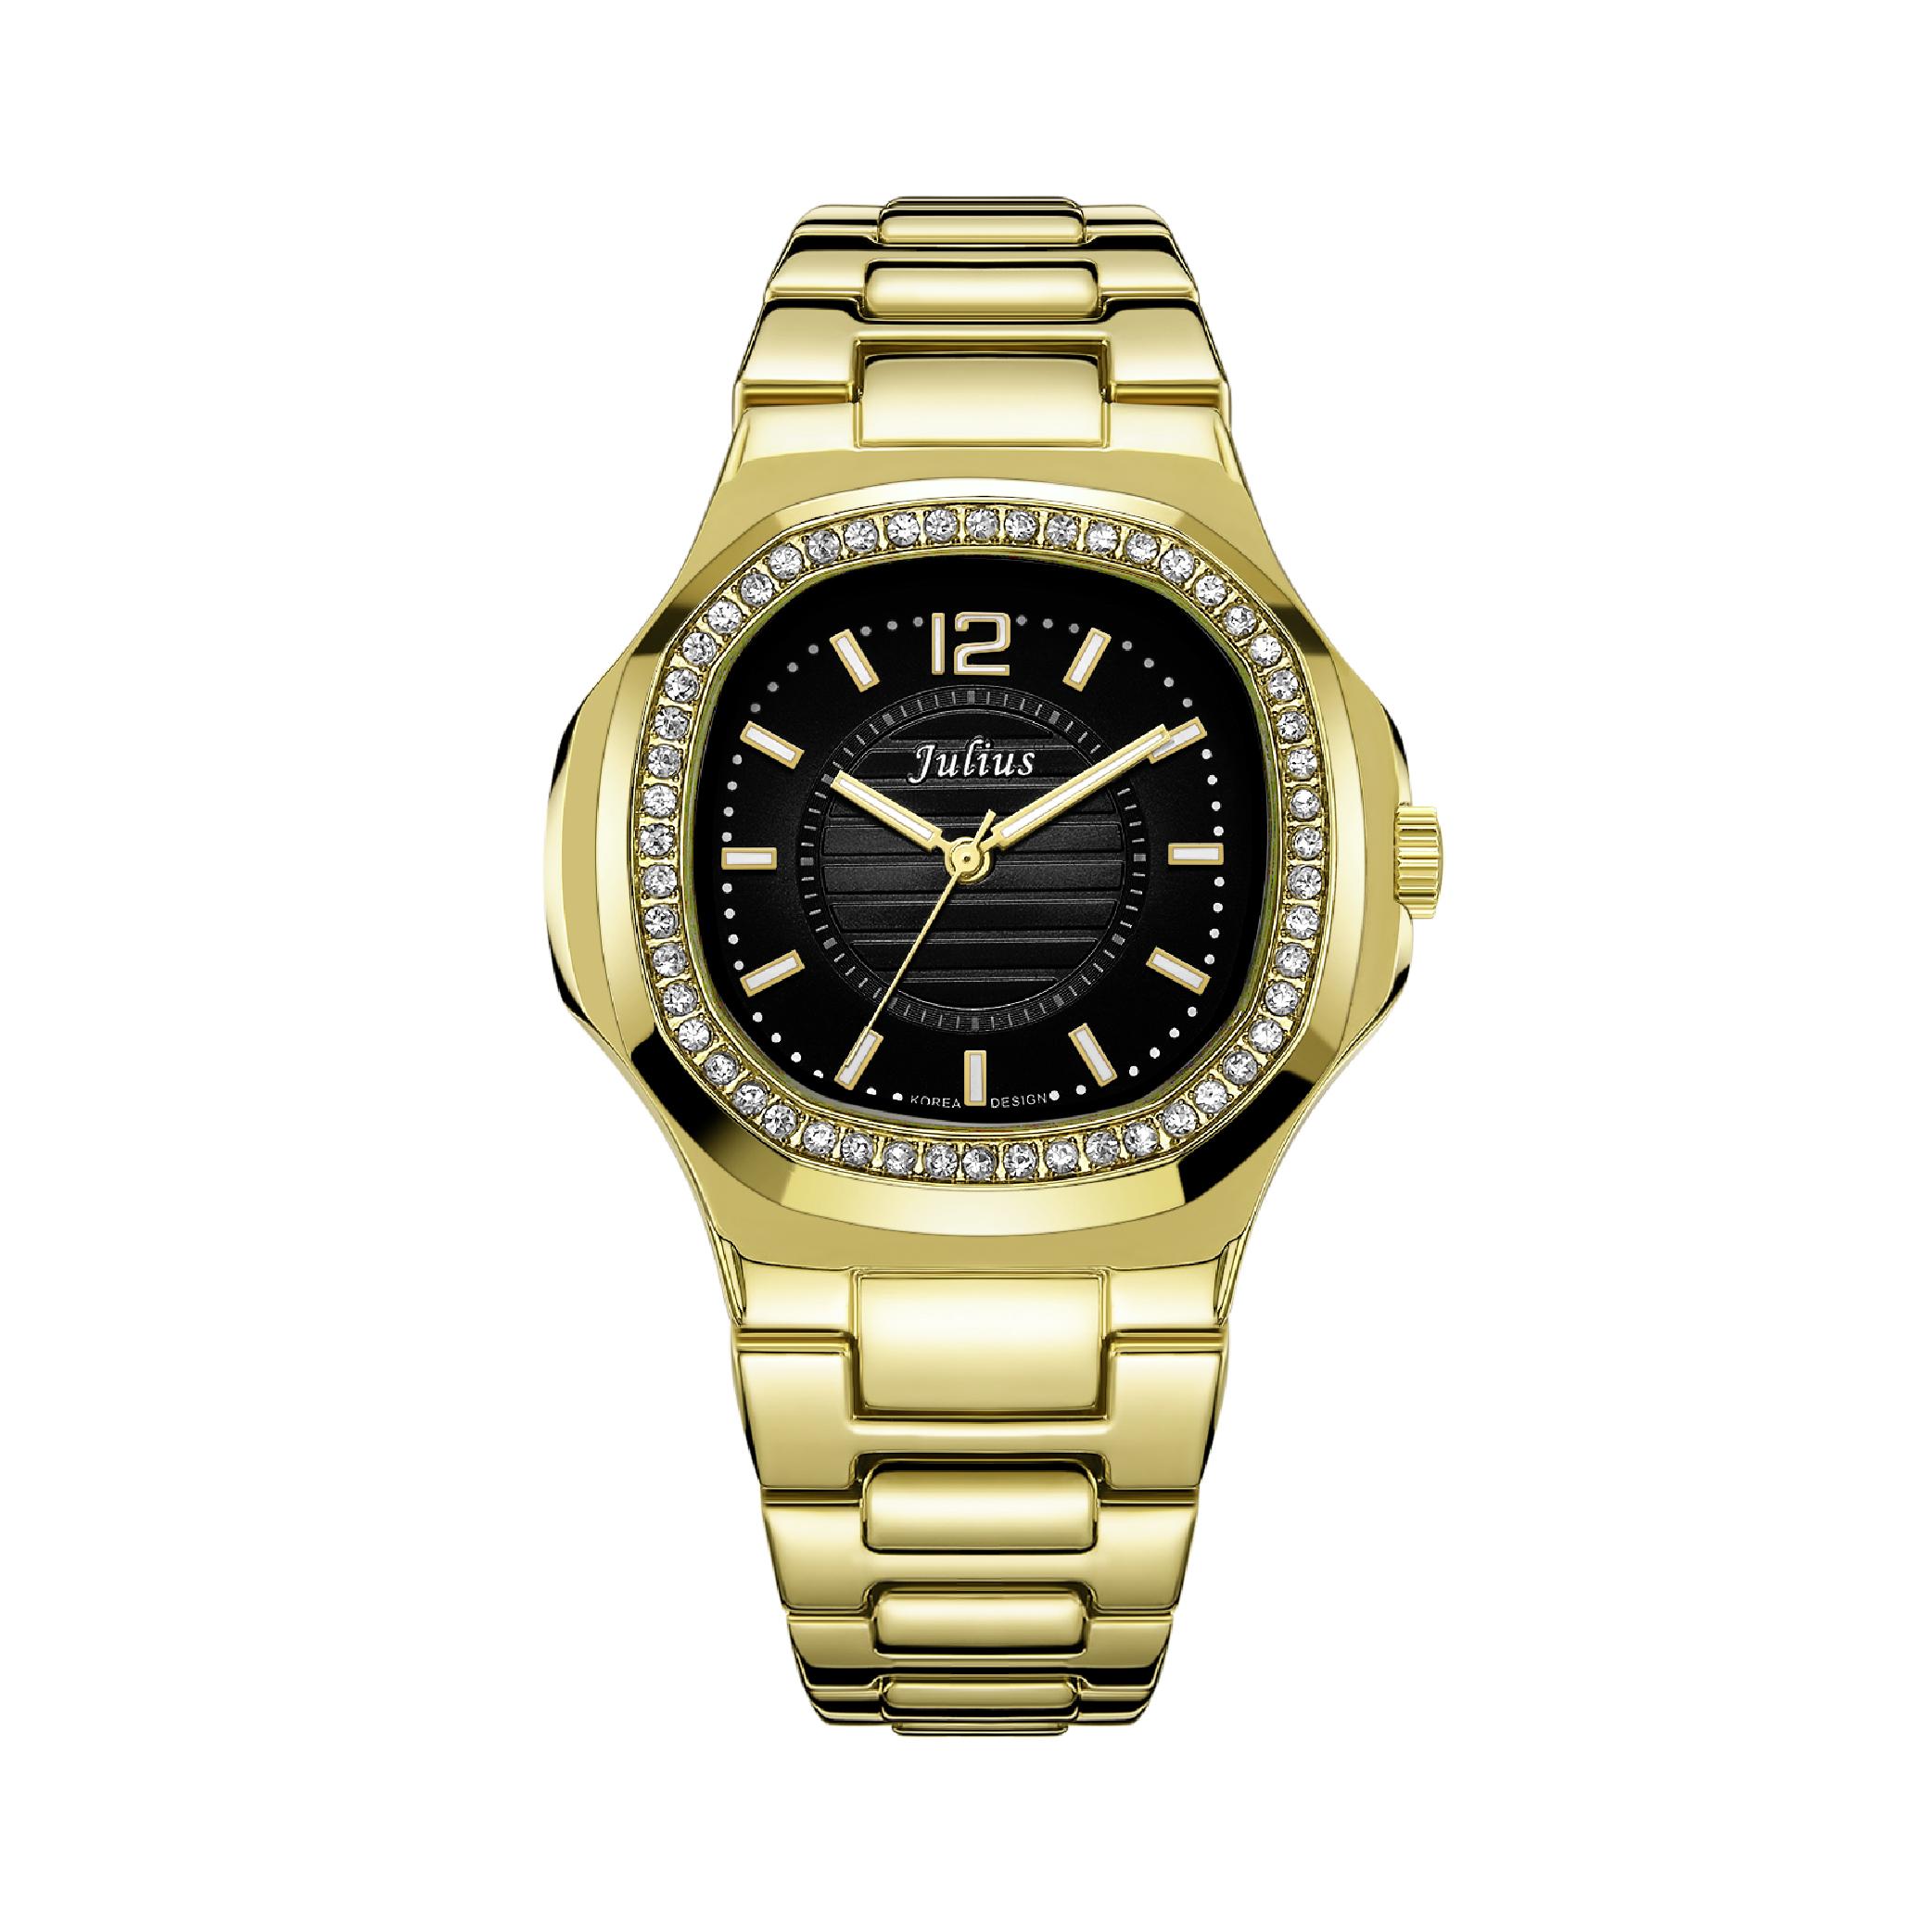 นาฬิกาข้อมือผู้หญิง JULIUS 711 G